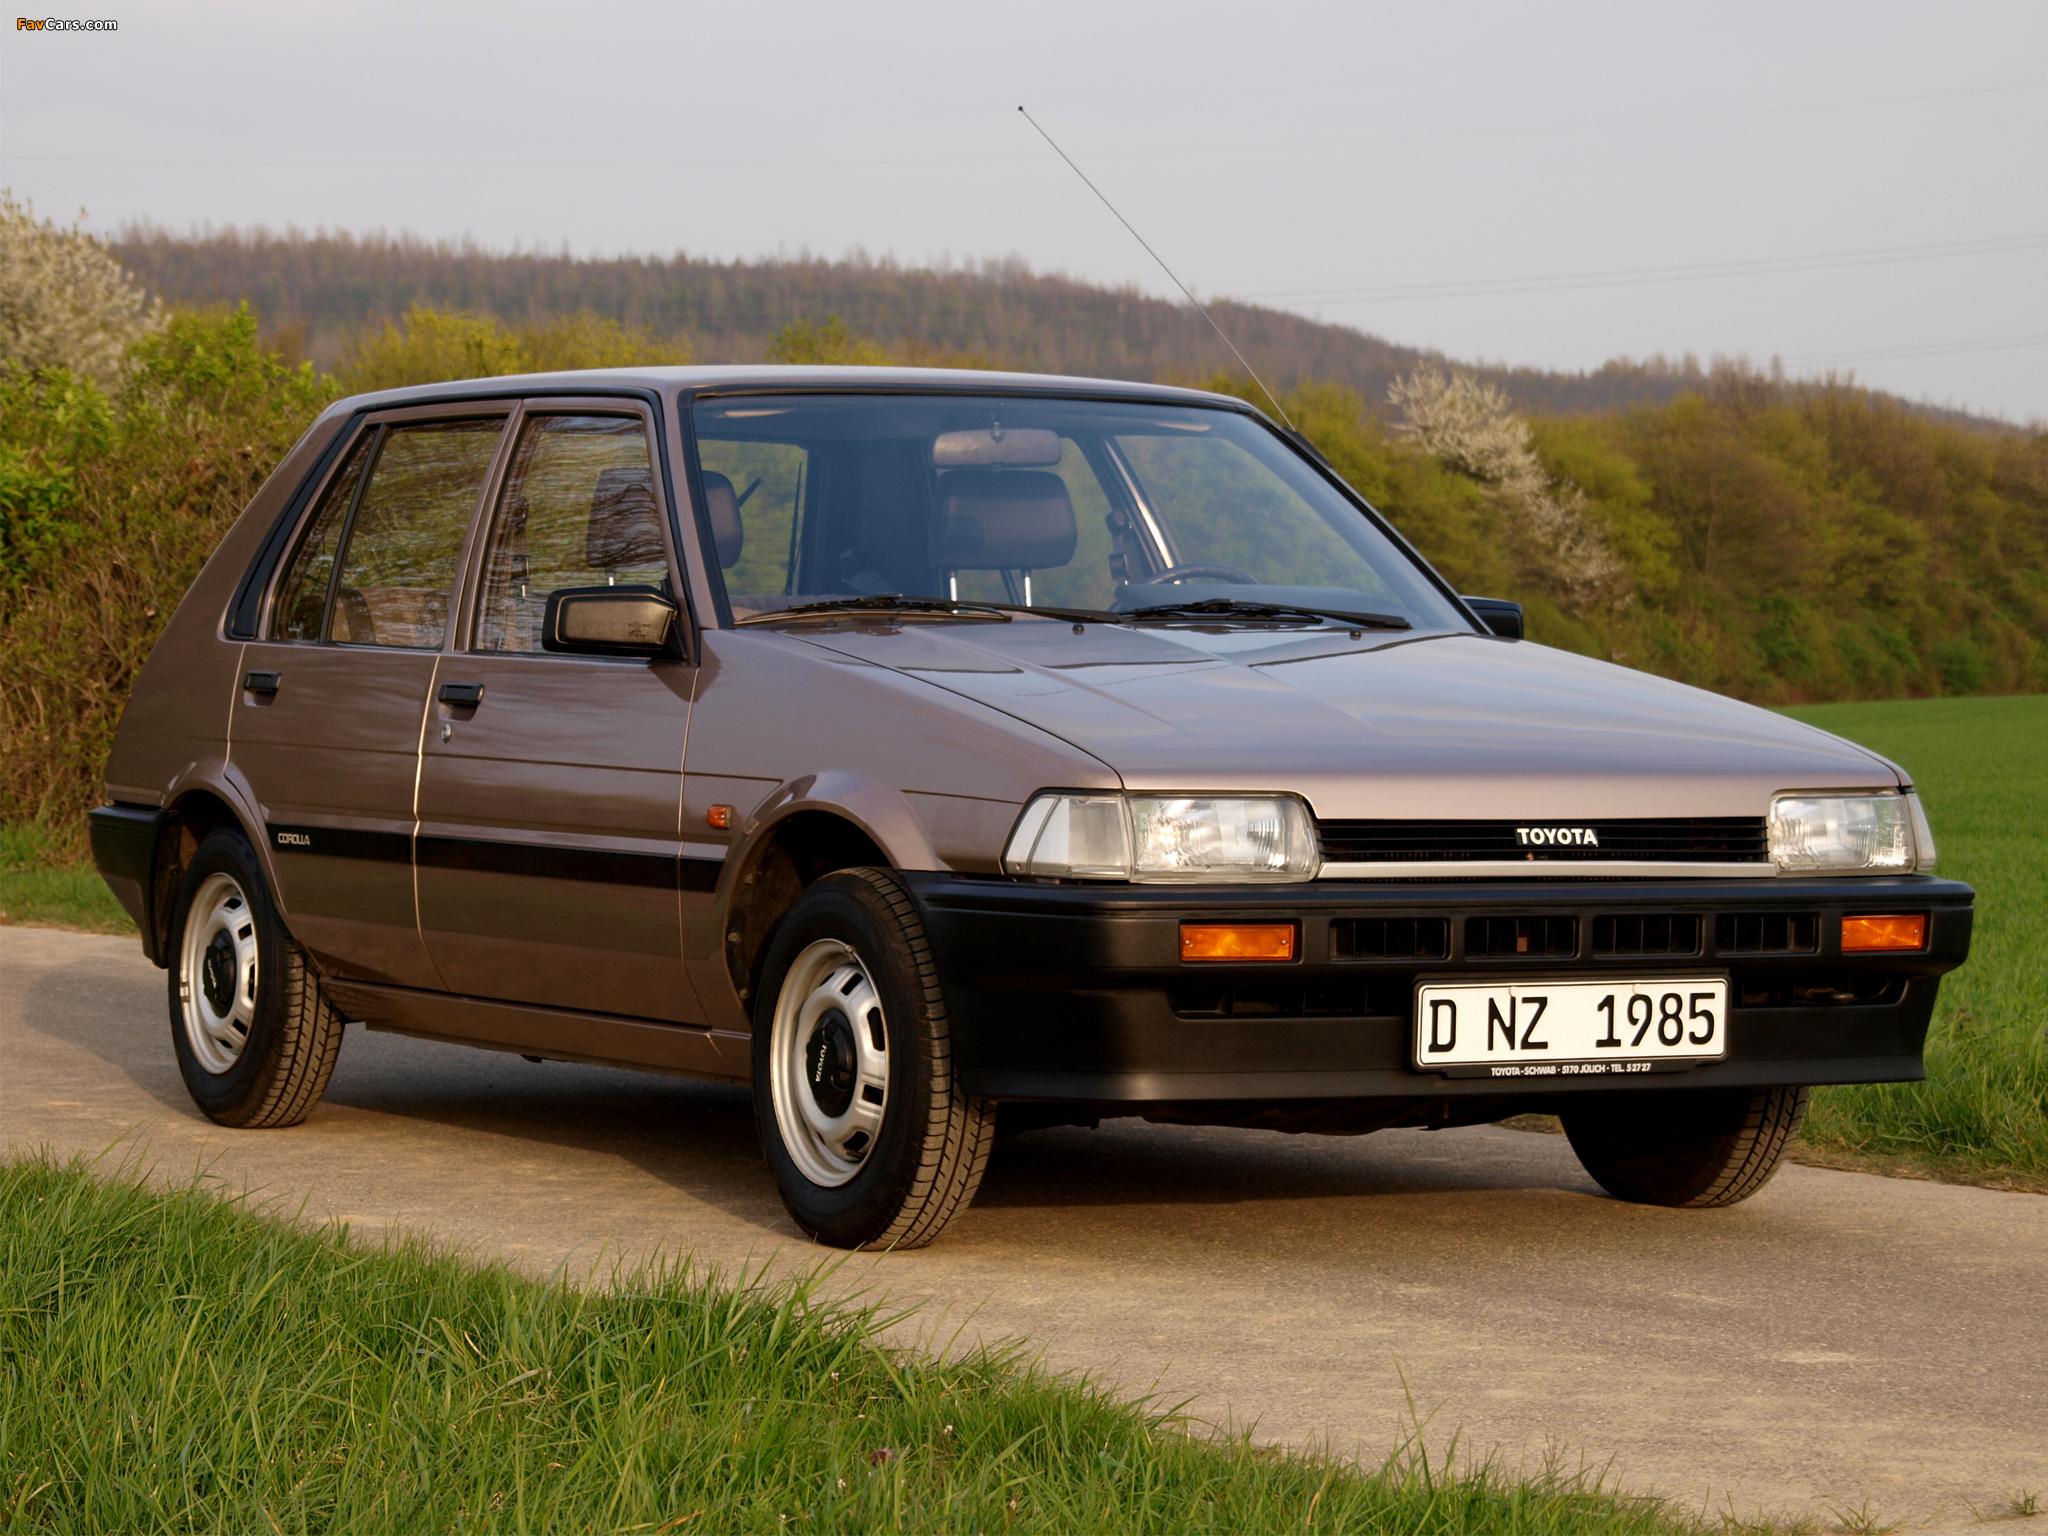 4 Door Corolla Toyota Corolla Compact 5-door